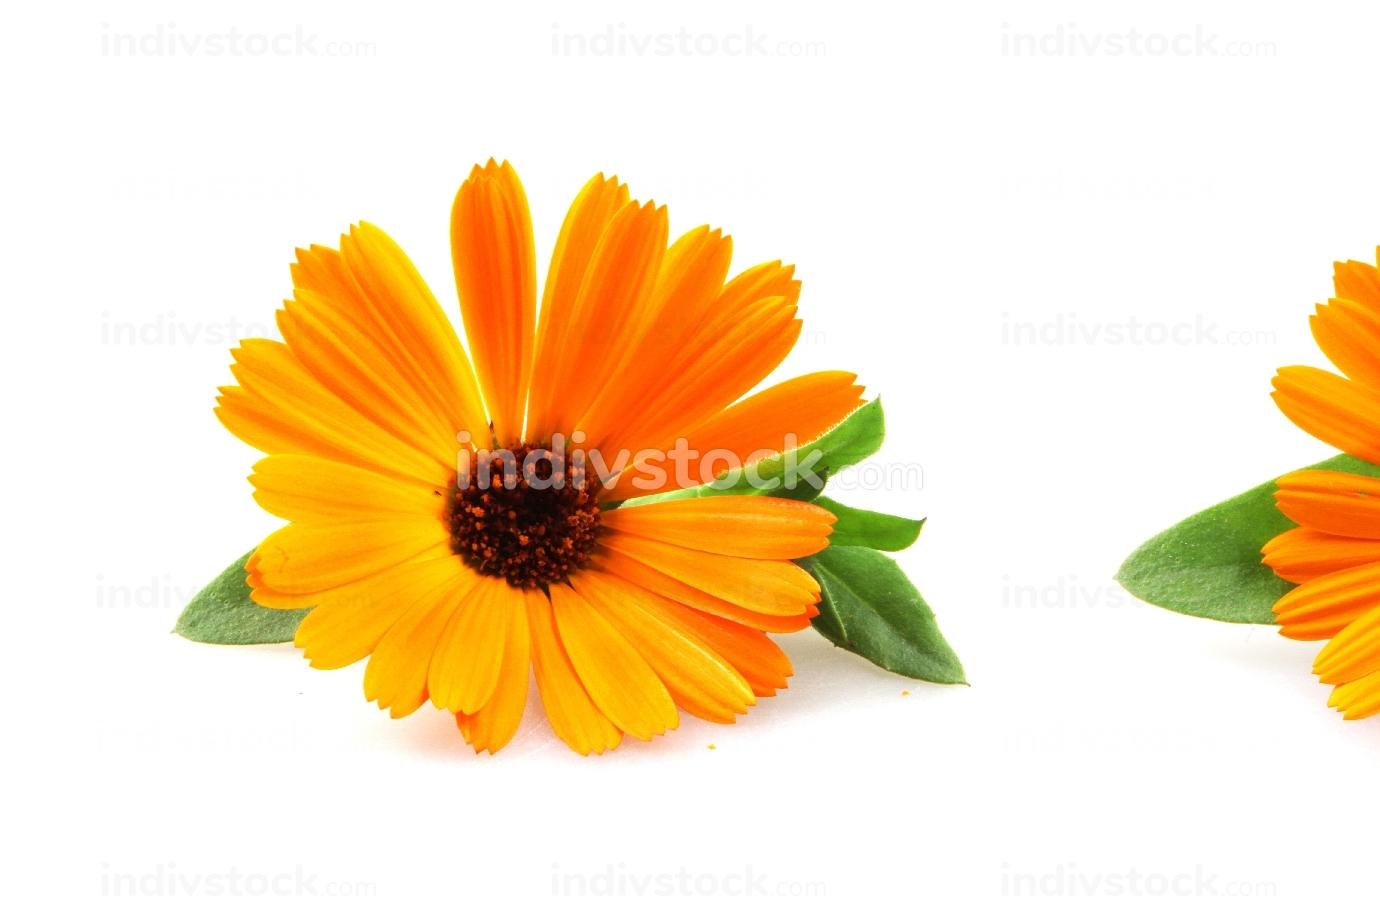 blossoming yellow marigold